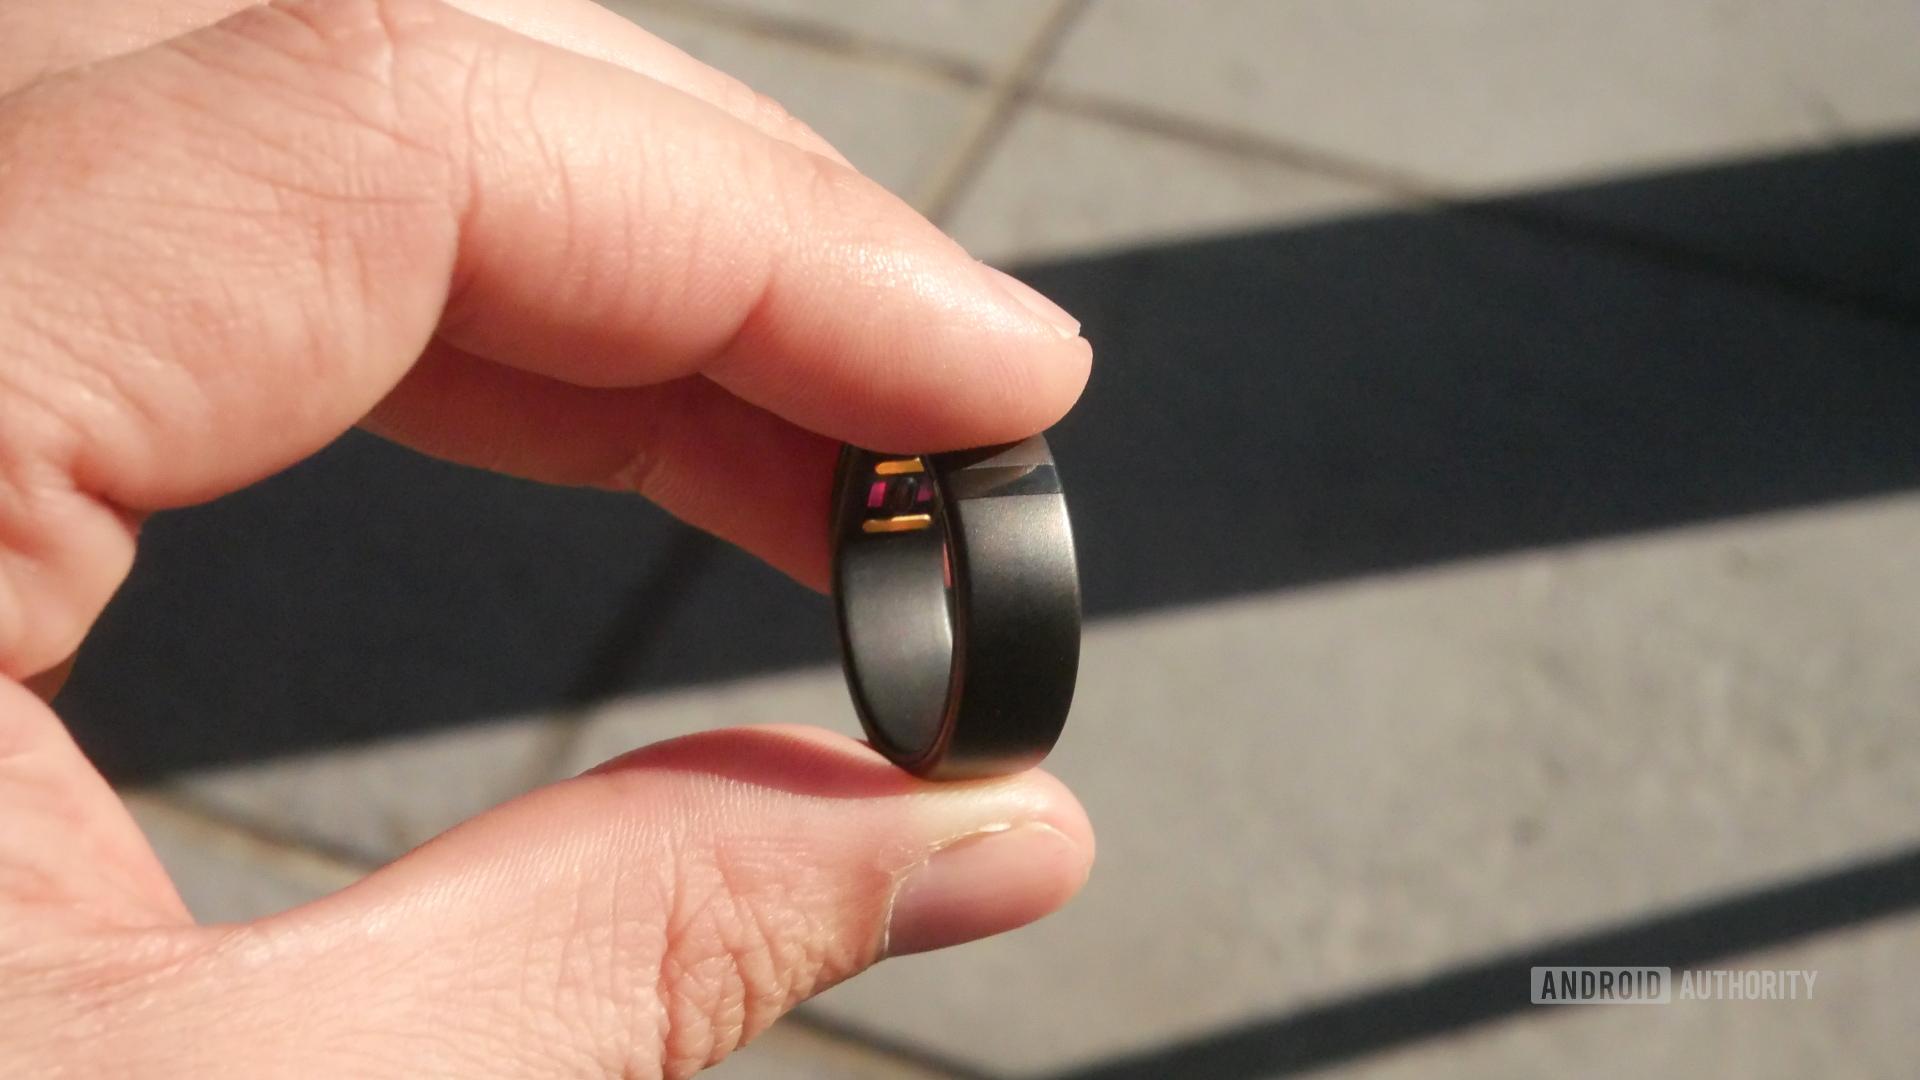 Motiv Ring design, Motiv Ring review